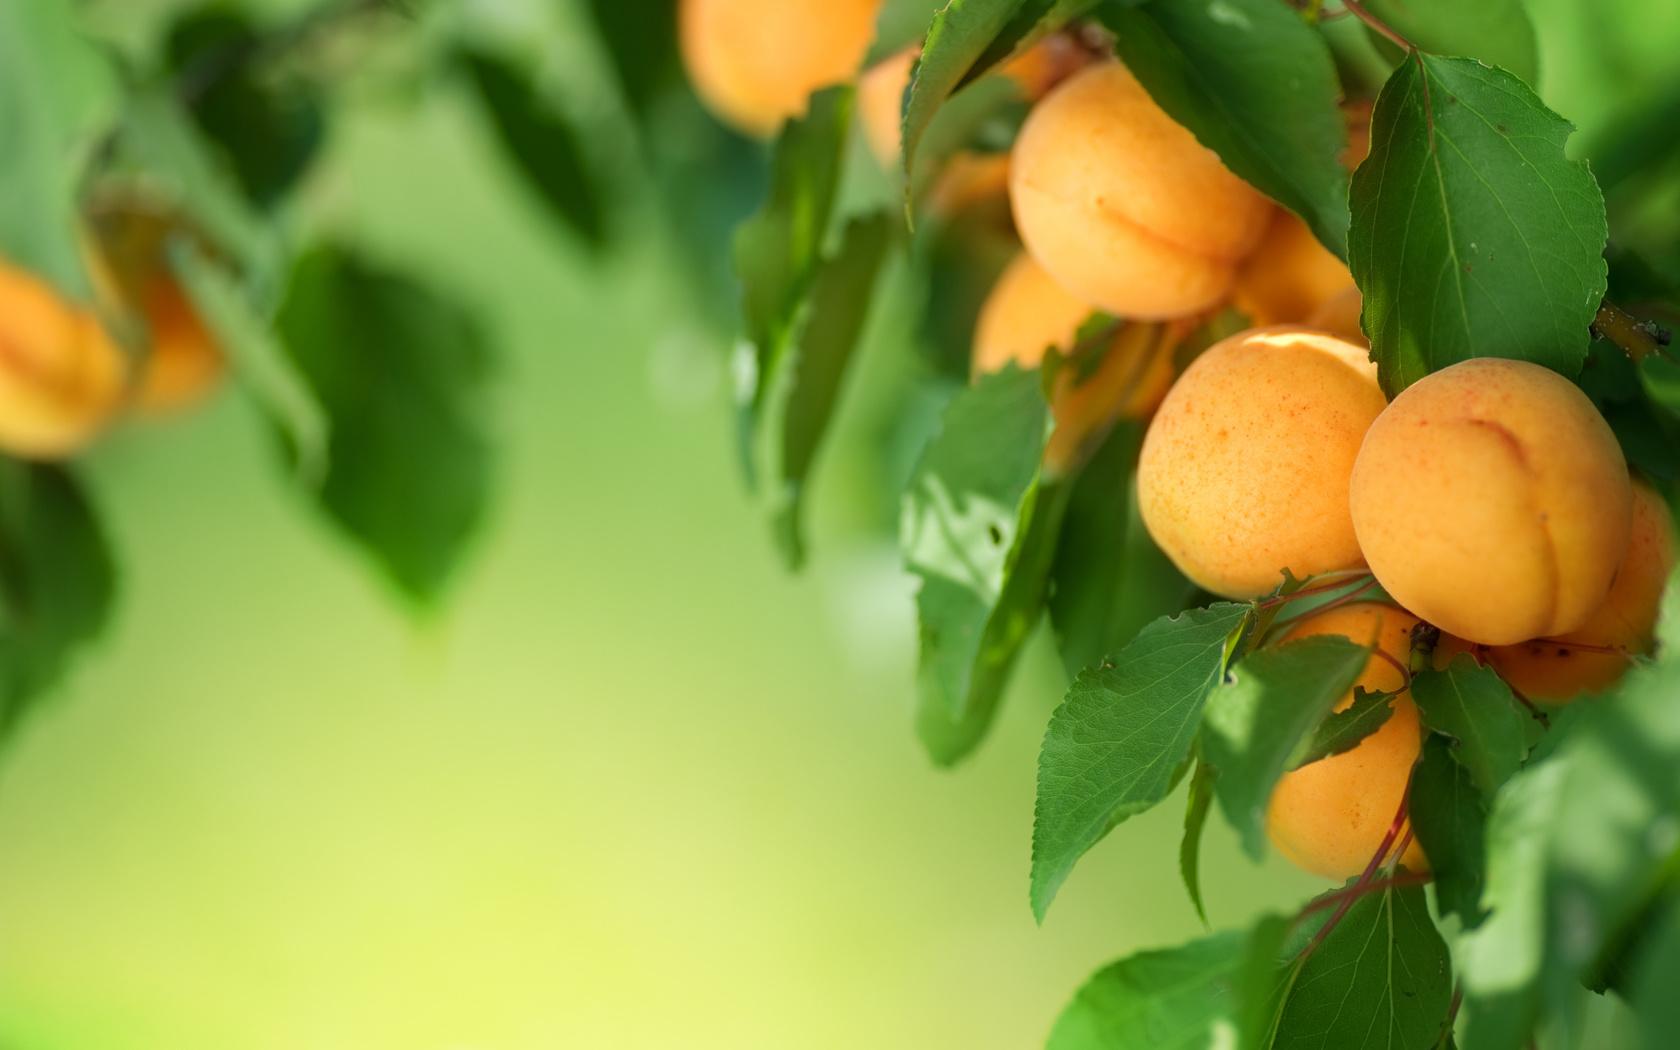 листва, дерево, фрукты, абрикосы, фрукты